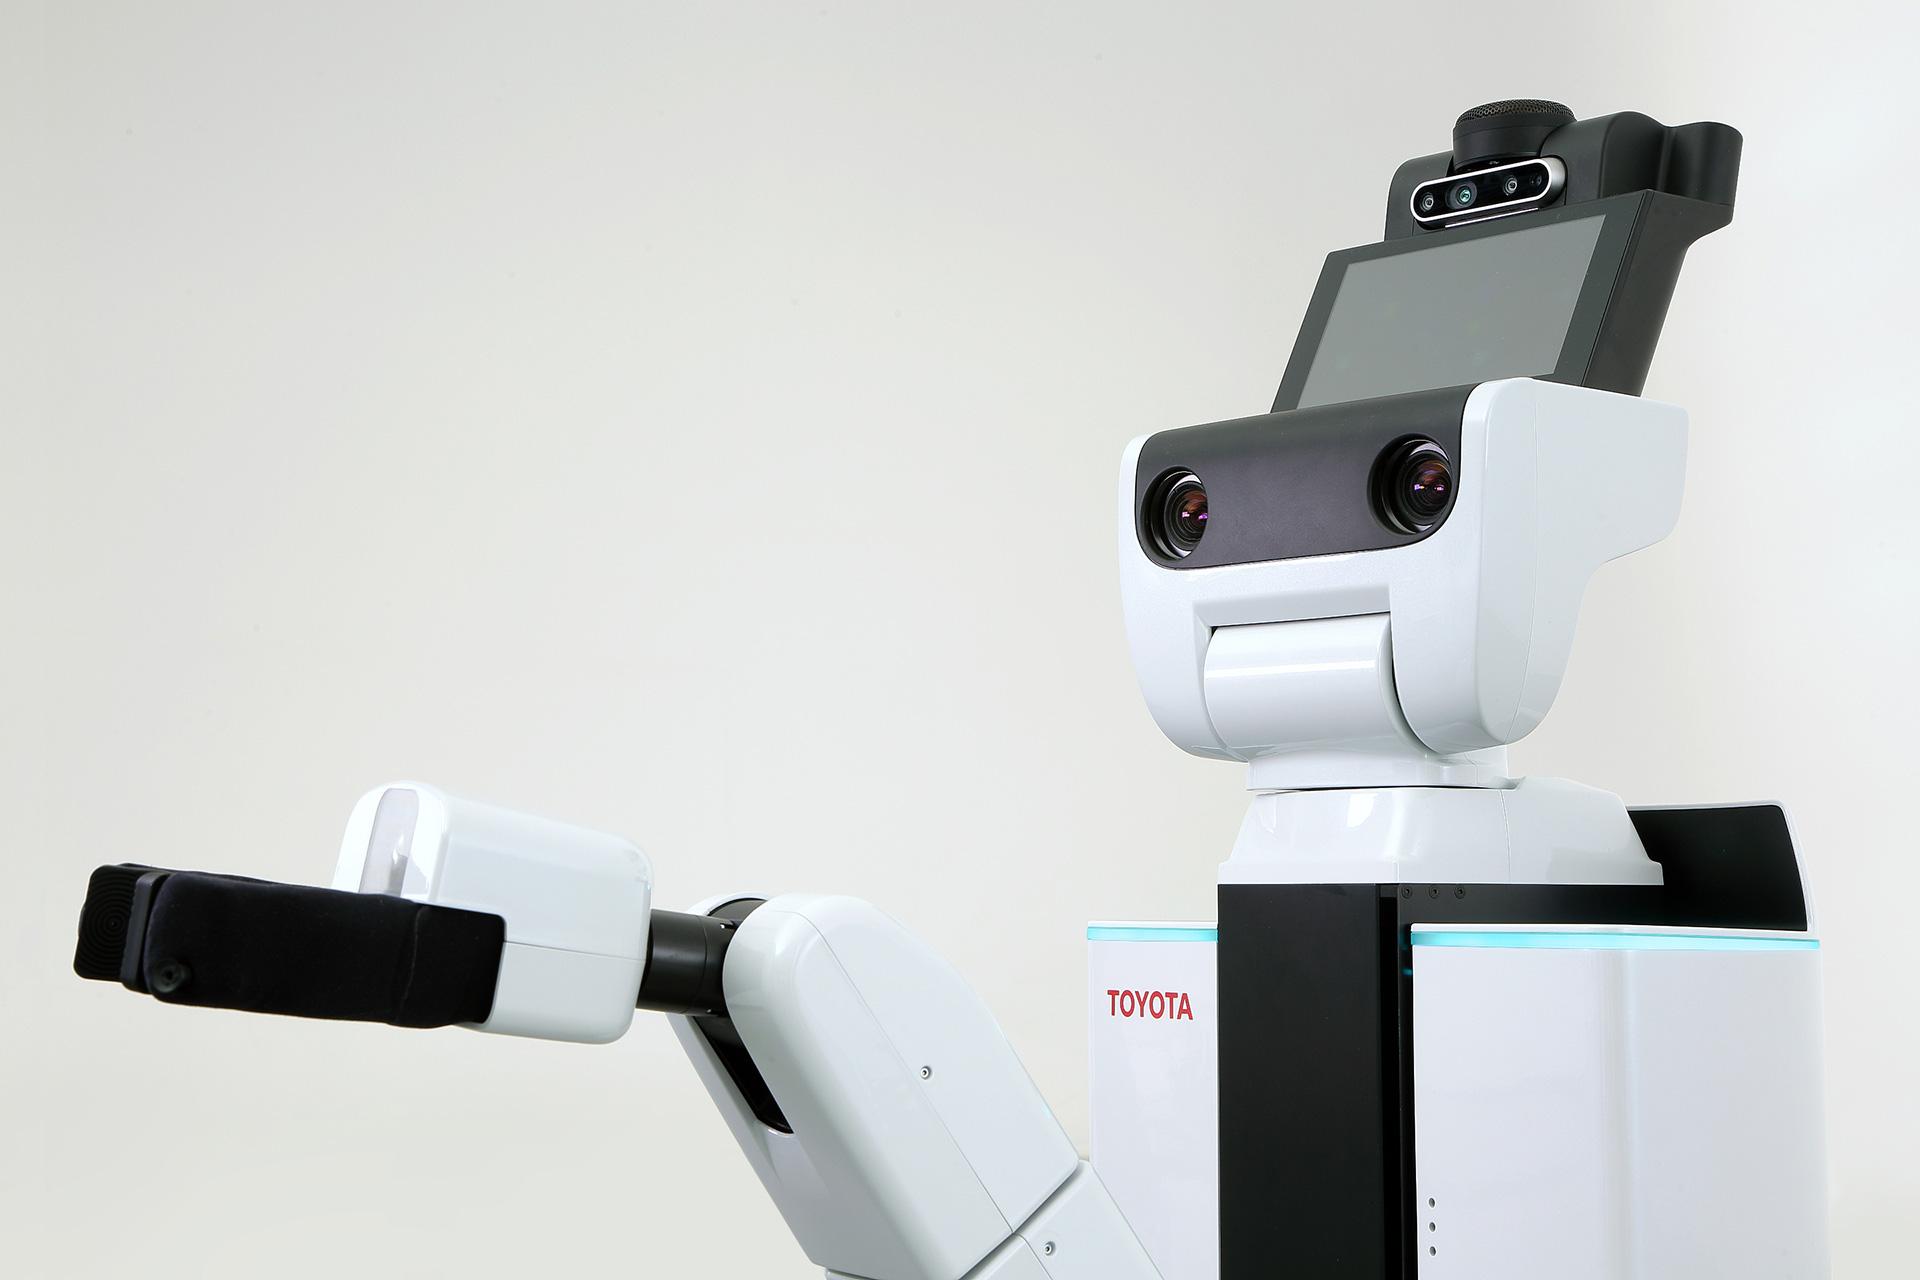 トヨタ自動車×Preferred Networks | 市場のニーズに応えるサービスロボットの共同開発を開始